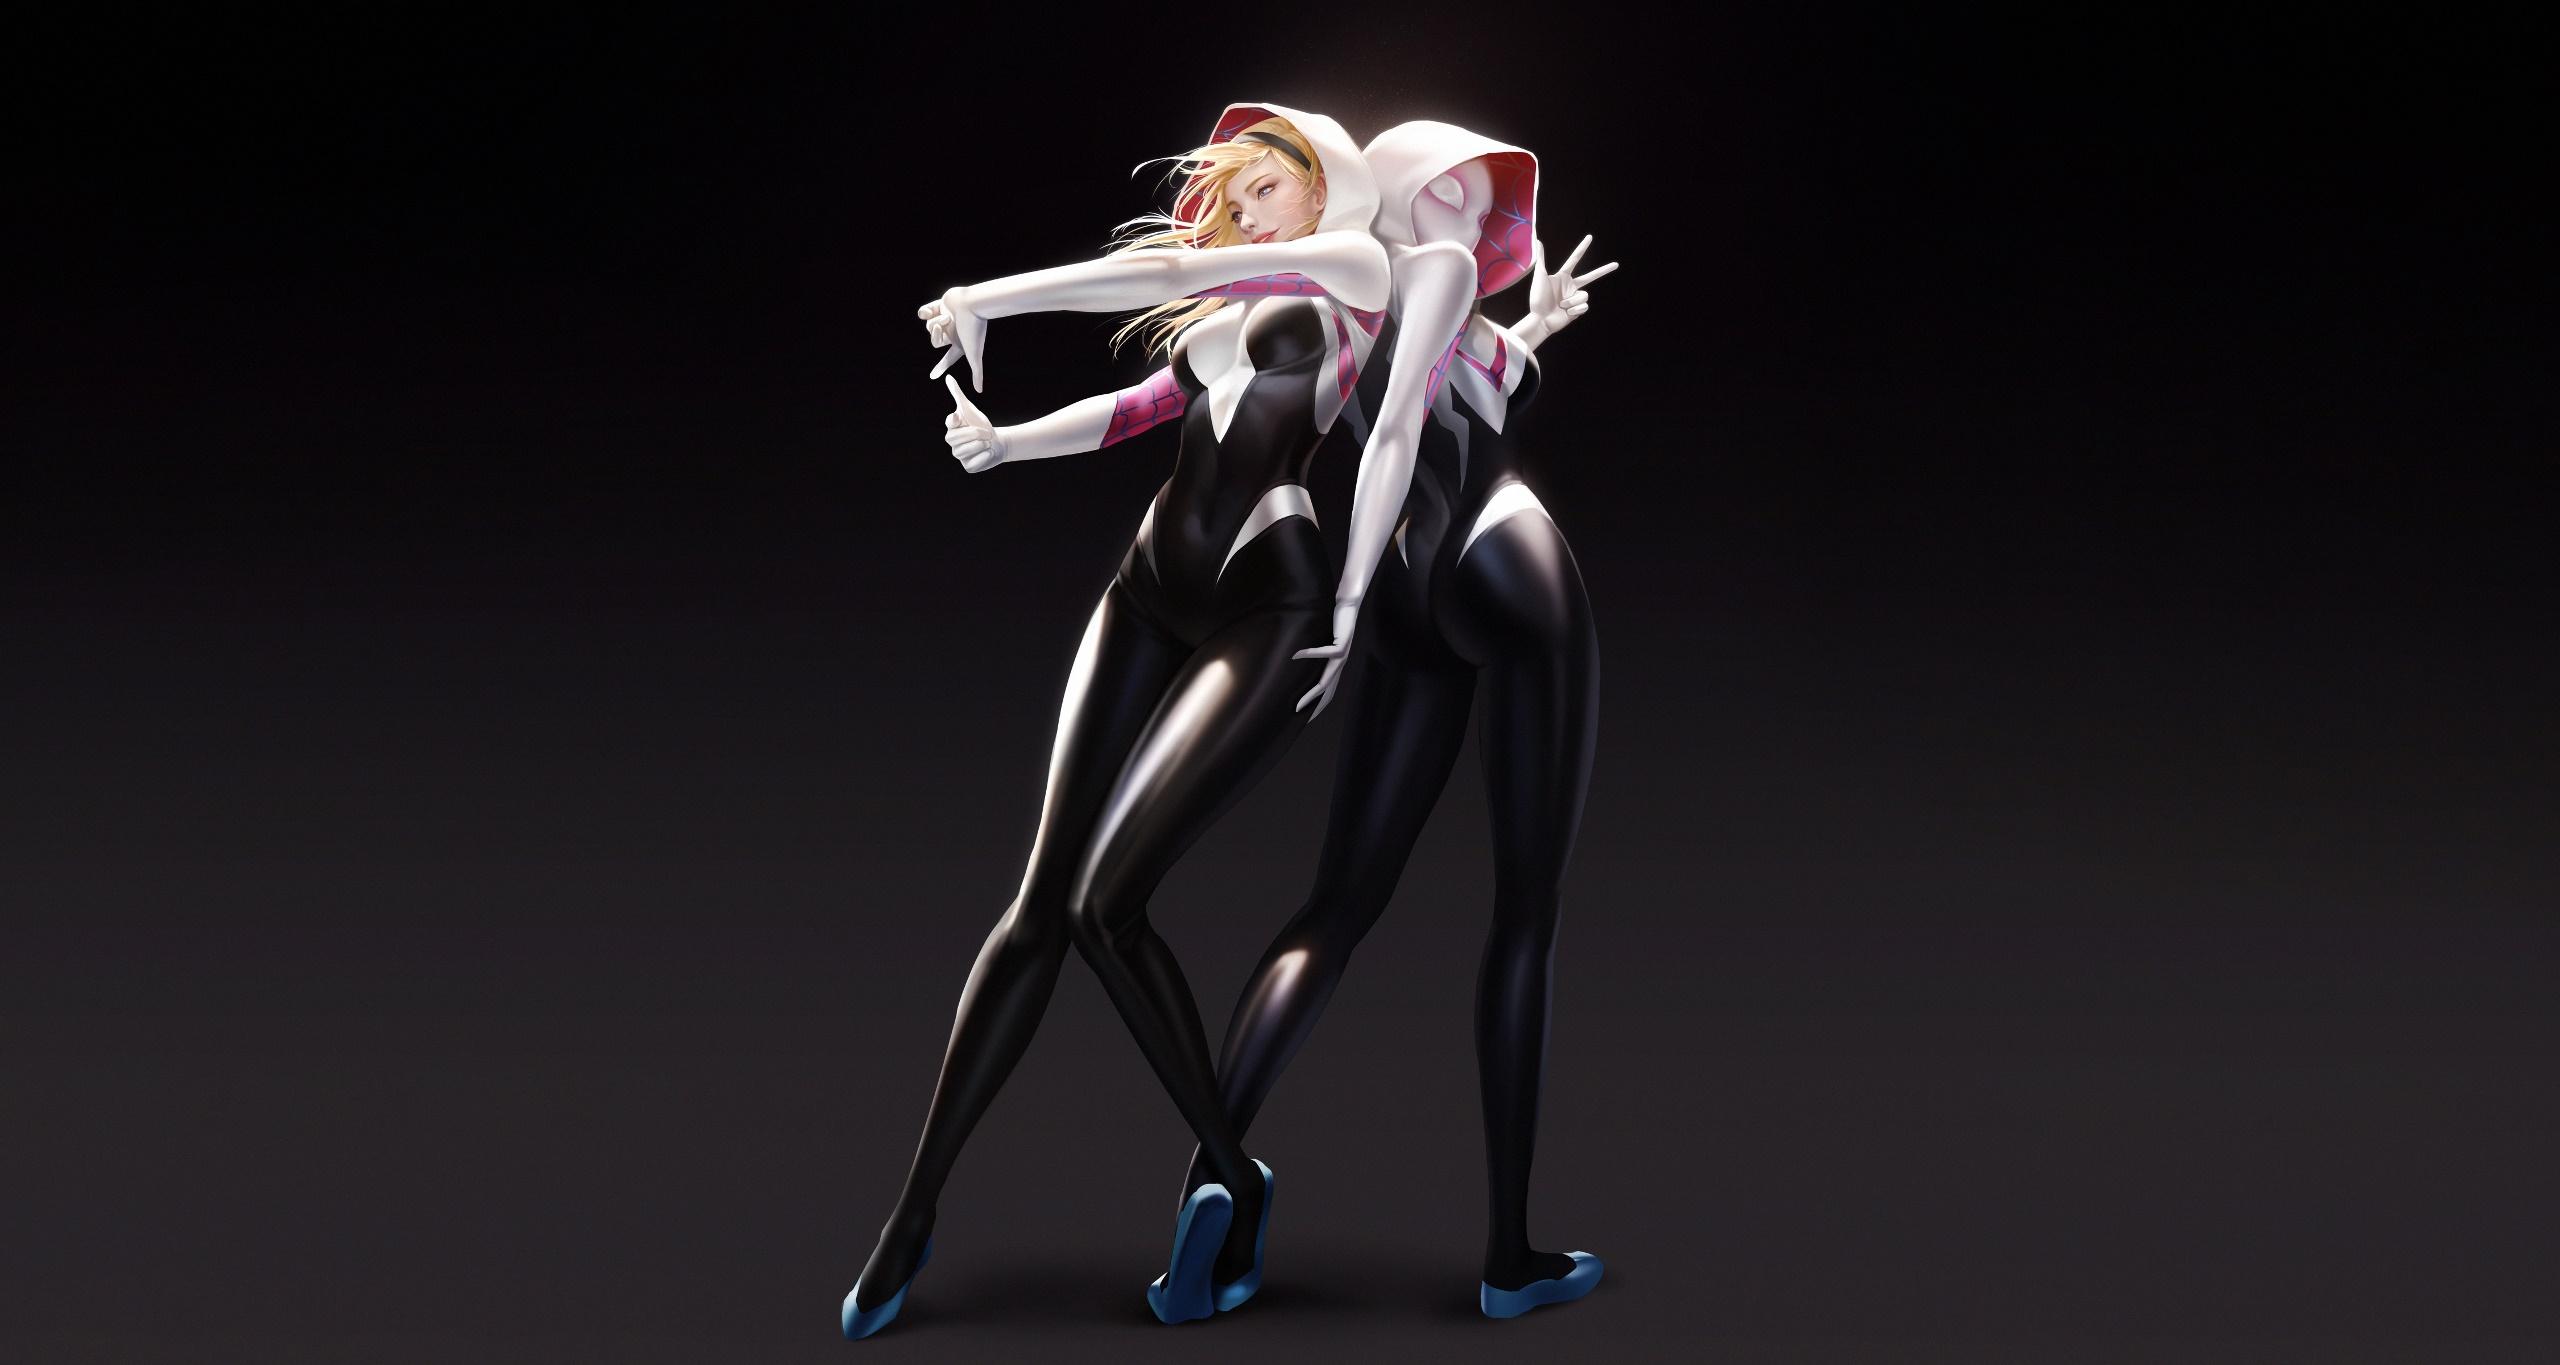 General 2560x1365 fantasy art Spider-Woman Spider Woman Gwen Stacy women